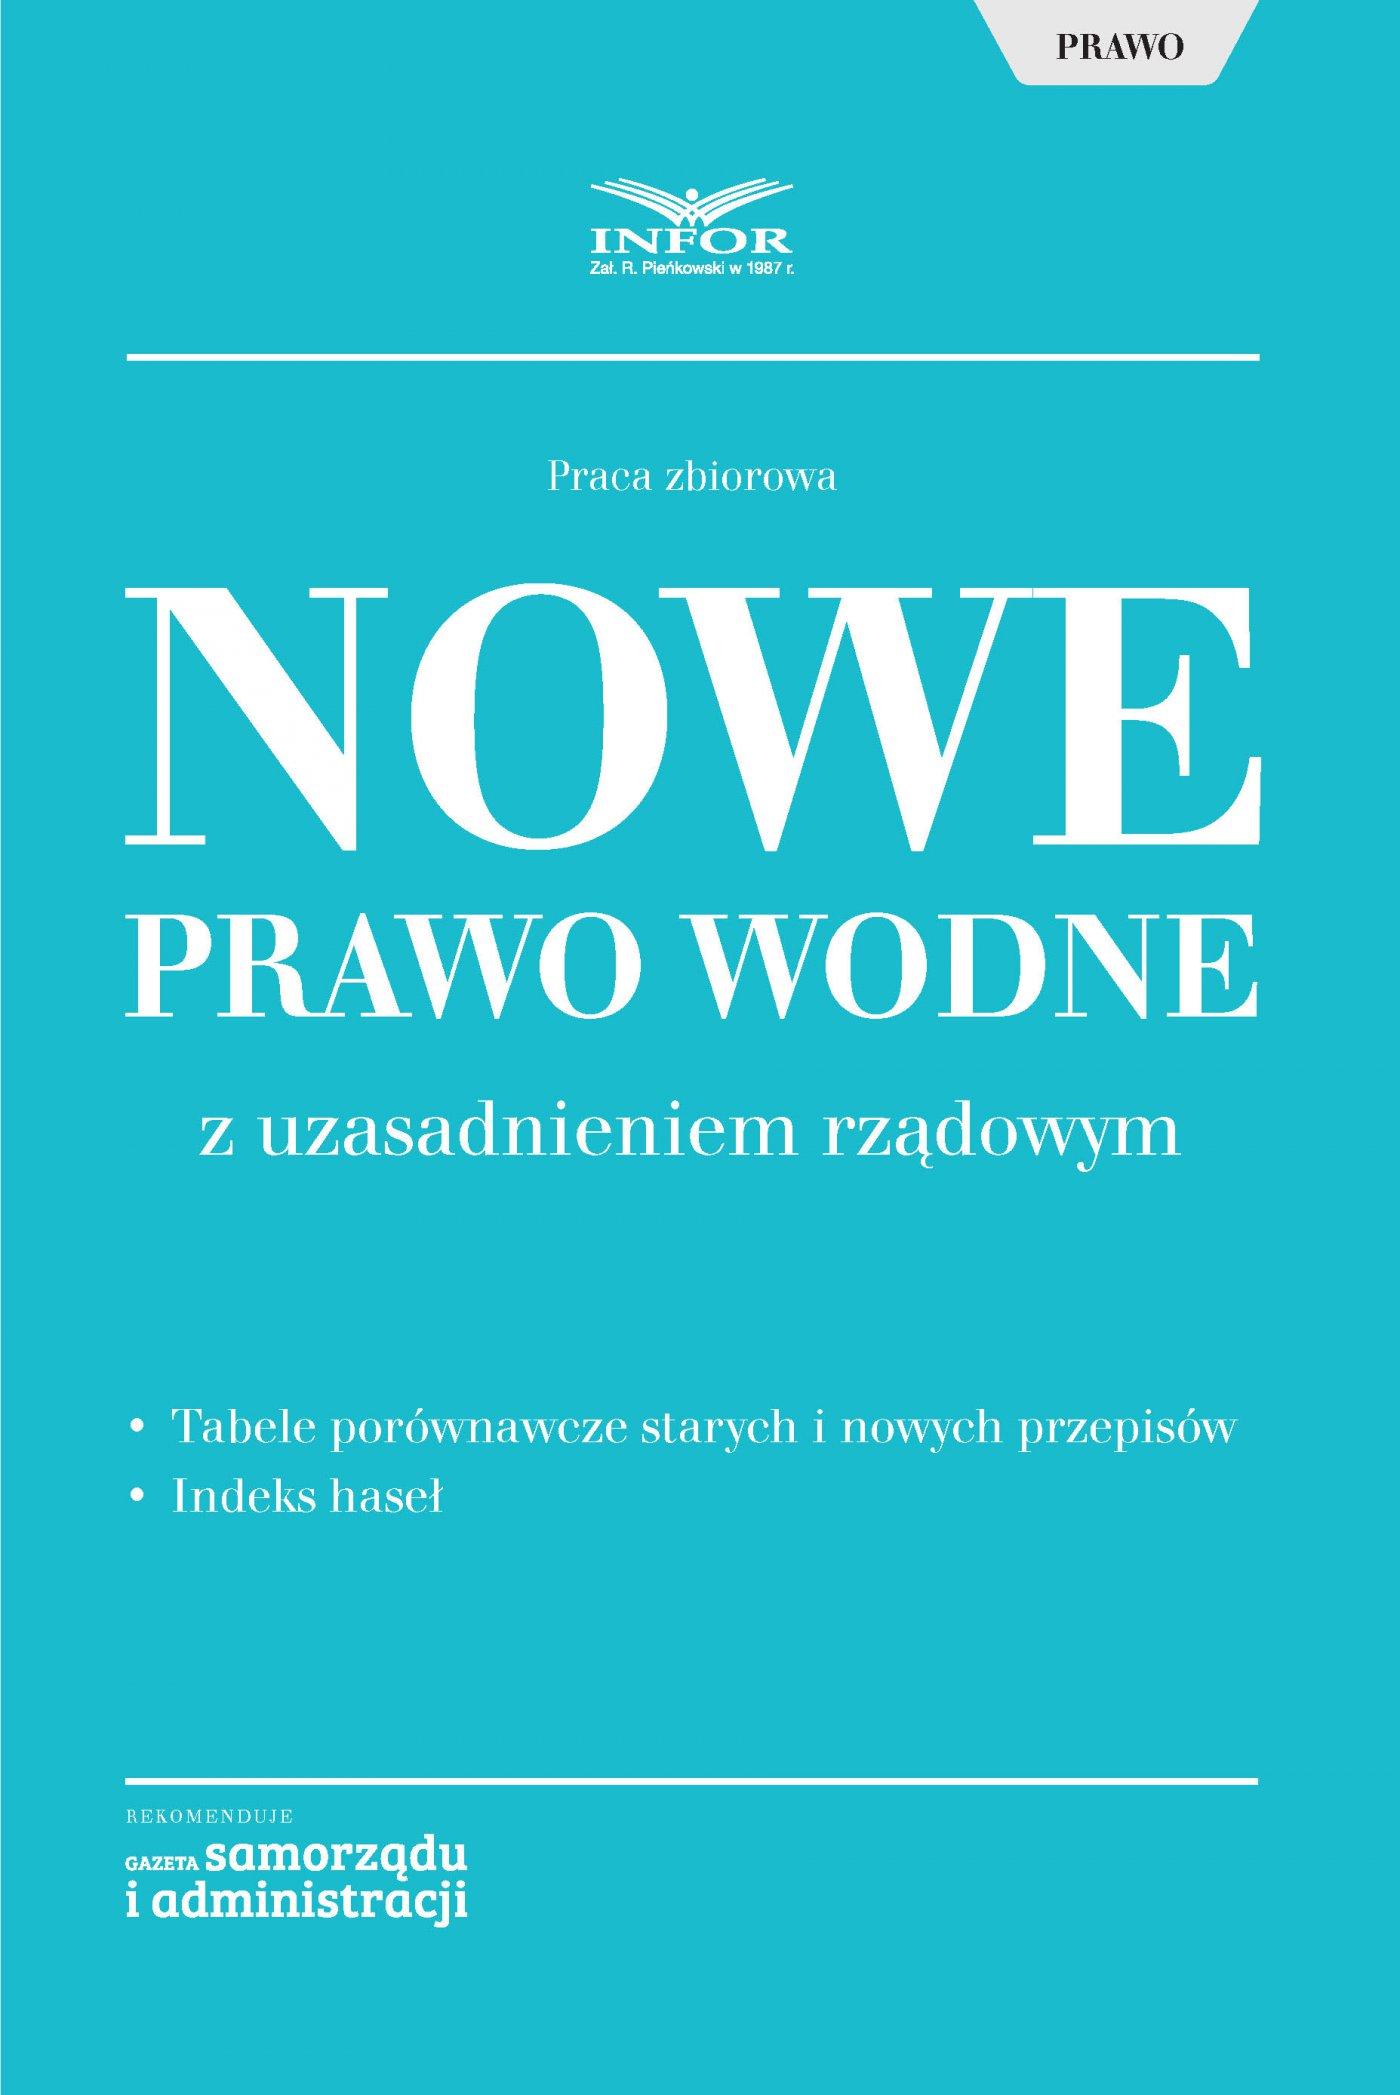 Nowe Prawo wodne z uzasadnieniem rządowym - Ebook (Książka PDF) do pobrania w formacie PDF